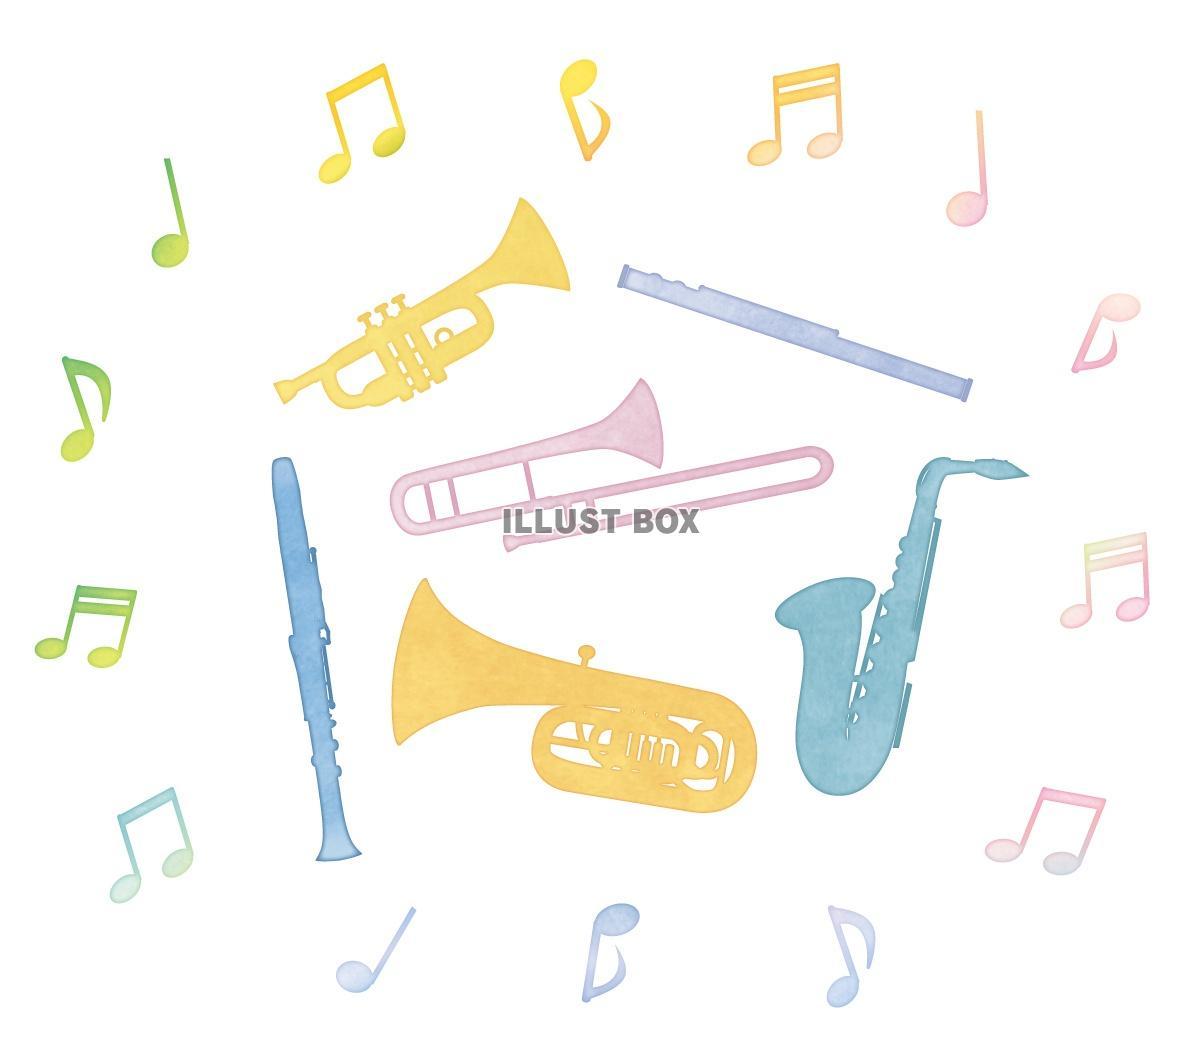 金管楽器 イラスト無料